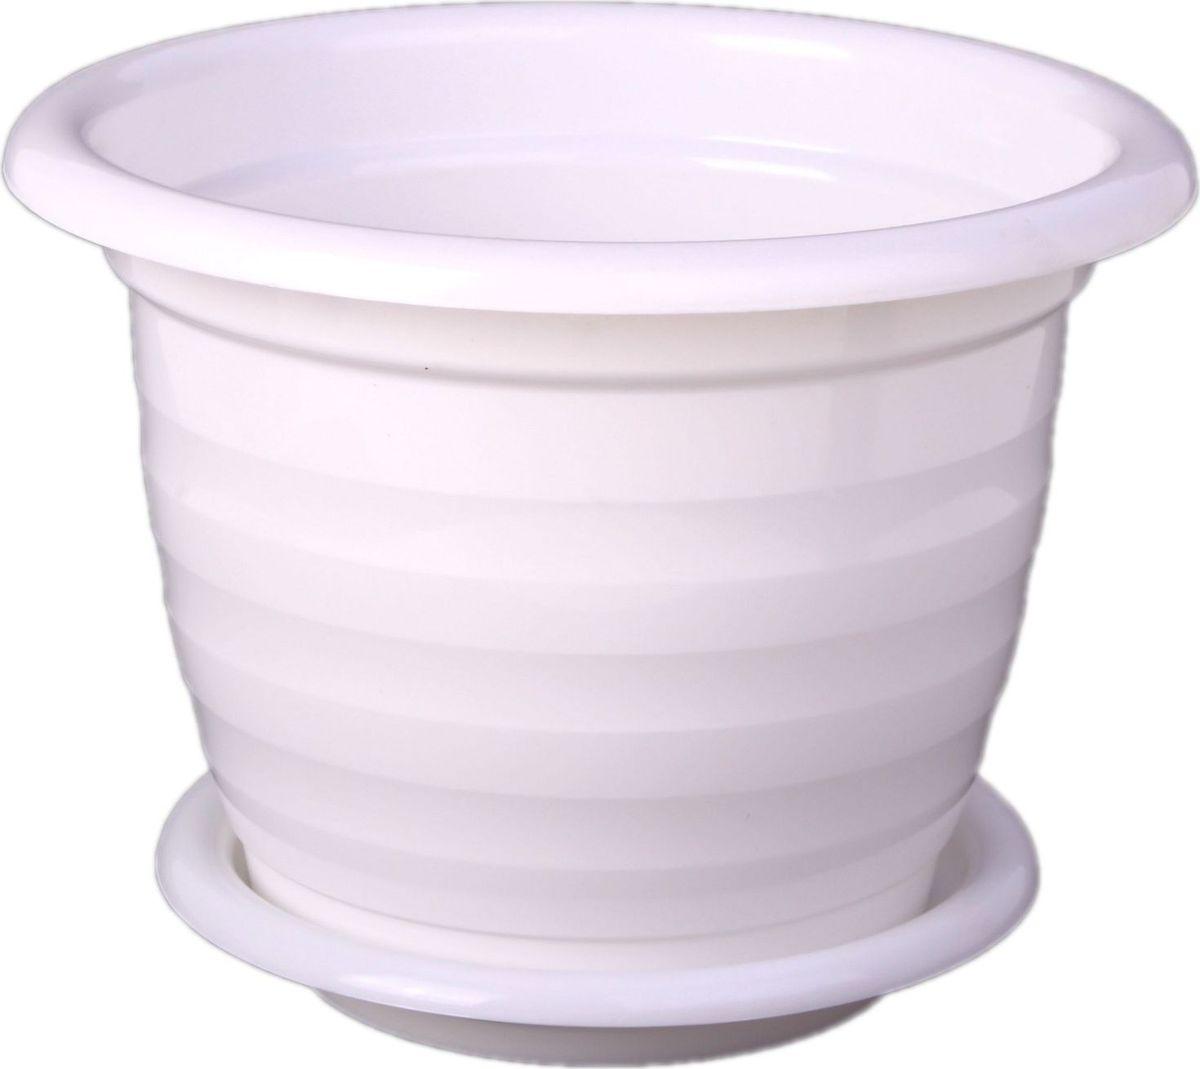 Горшок для цветов Альтернатива Виола, с поддоном, цвет: белый, 3,5 лGC220/05Любой, даже самый современный и продуманный интерьер будет не завершённым без растений. Они не только очищают воздух и насыщают его кислородом, но и заметно украшают окружающее пространство. Такому полезному члену семьи просто необходимо красивое и функциональное кашпо, оригинальный горшок или необычная ваза! Мы предлагаем - Горшок для цветов 3,5 л Виола с поддоном, цвет белый! Оптимальный выбор материала пластмасса! Почему мы так считаем? Малый вес. С лёгкостью переносите горшки и кашпо с места на место, ставьте их на столики или полки, подвешивайте под потолок, не беспокоясь о нагрузке. Простота ухода. Пластиковые изделия не нуждаются в специальных условиях хранения. Их легко чистить достаточно просто сполоснуть тёплой водой. Никаких царапин. Пластиковые кашпо не царапают и не загрязняют поверхности, на которых стоят. Пластик дольше хранит влагу, а значит растение реже нуждается в поливе. Пластмасса не пропускает воздух корневой системе растения не грозят резкие перепады температур. Огромный выбор форм, декора и расцветок вы без труда подберёте что-то, что идеально впишется в уже существующий интерьер. Соблюдая нехитрые правила ухода, вы можете заметно продлить срок службы горшков, вазонов и кашпо из пластика: всегда учитывайте размер кроны и корневой системы растения (при разрастании большое растение способно повредить маленький горшок)берегите изделие от воздействия прямых солнечных лучей, чтобы кашпо и горшки не выцветалидержите кашпо и горшки из пластика подальше от нагревающихся поверхностей. Создавайте прекрасные цветочные композиции, выращивайте рассаду или необычные растения, а низкие цены позволят вам не ограничивать себя в выборе.